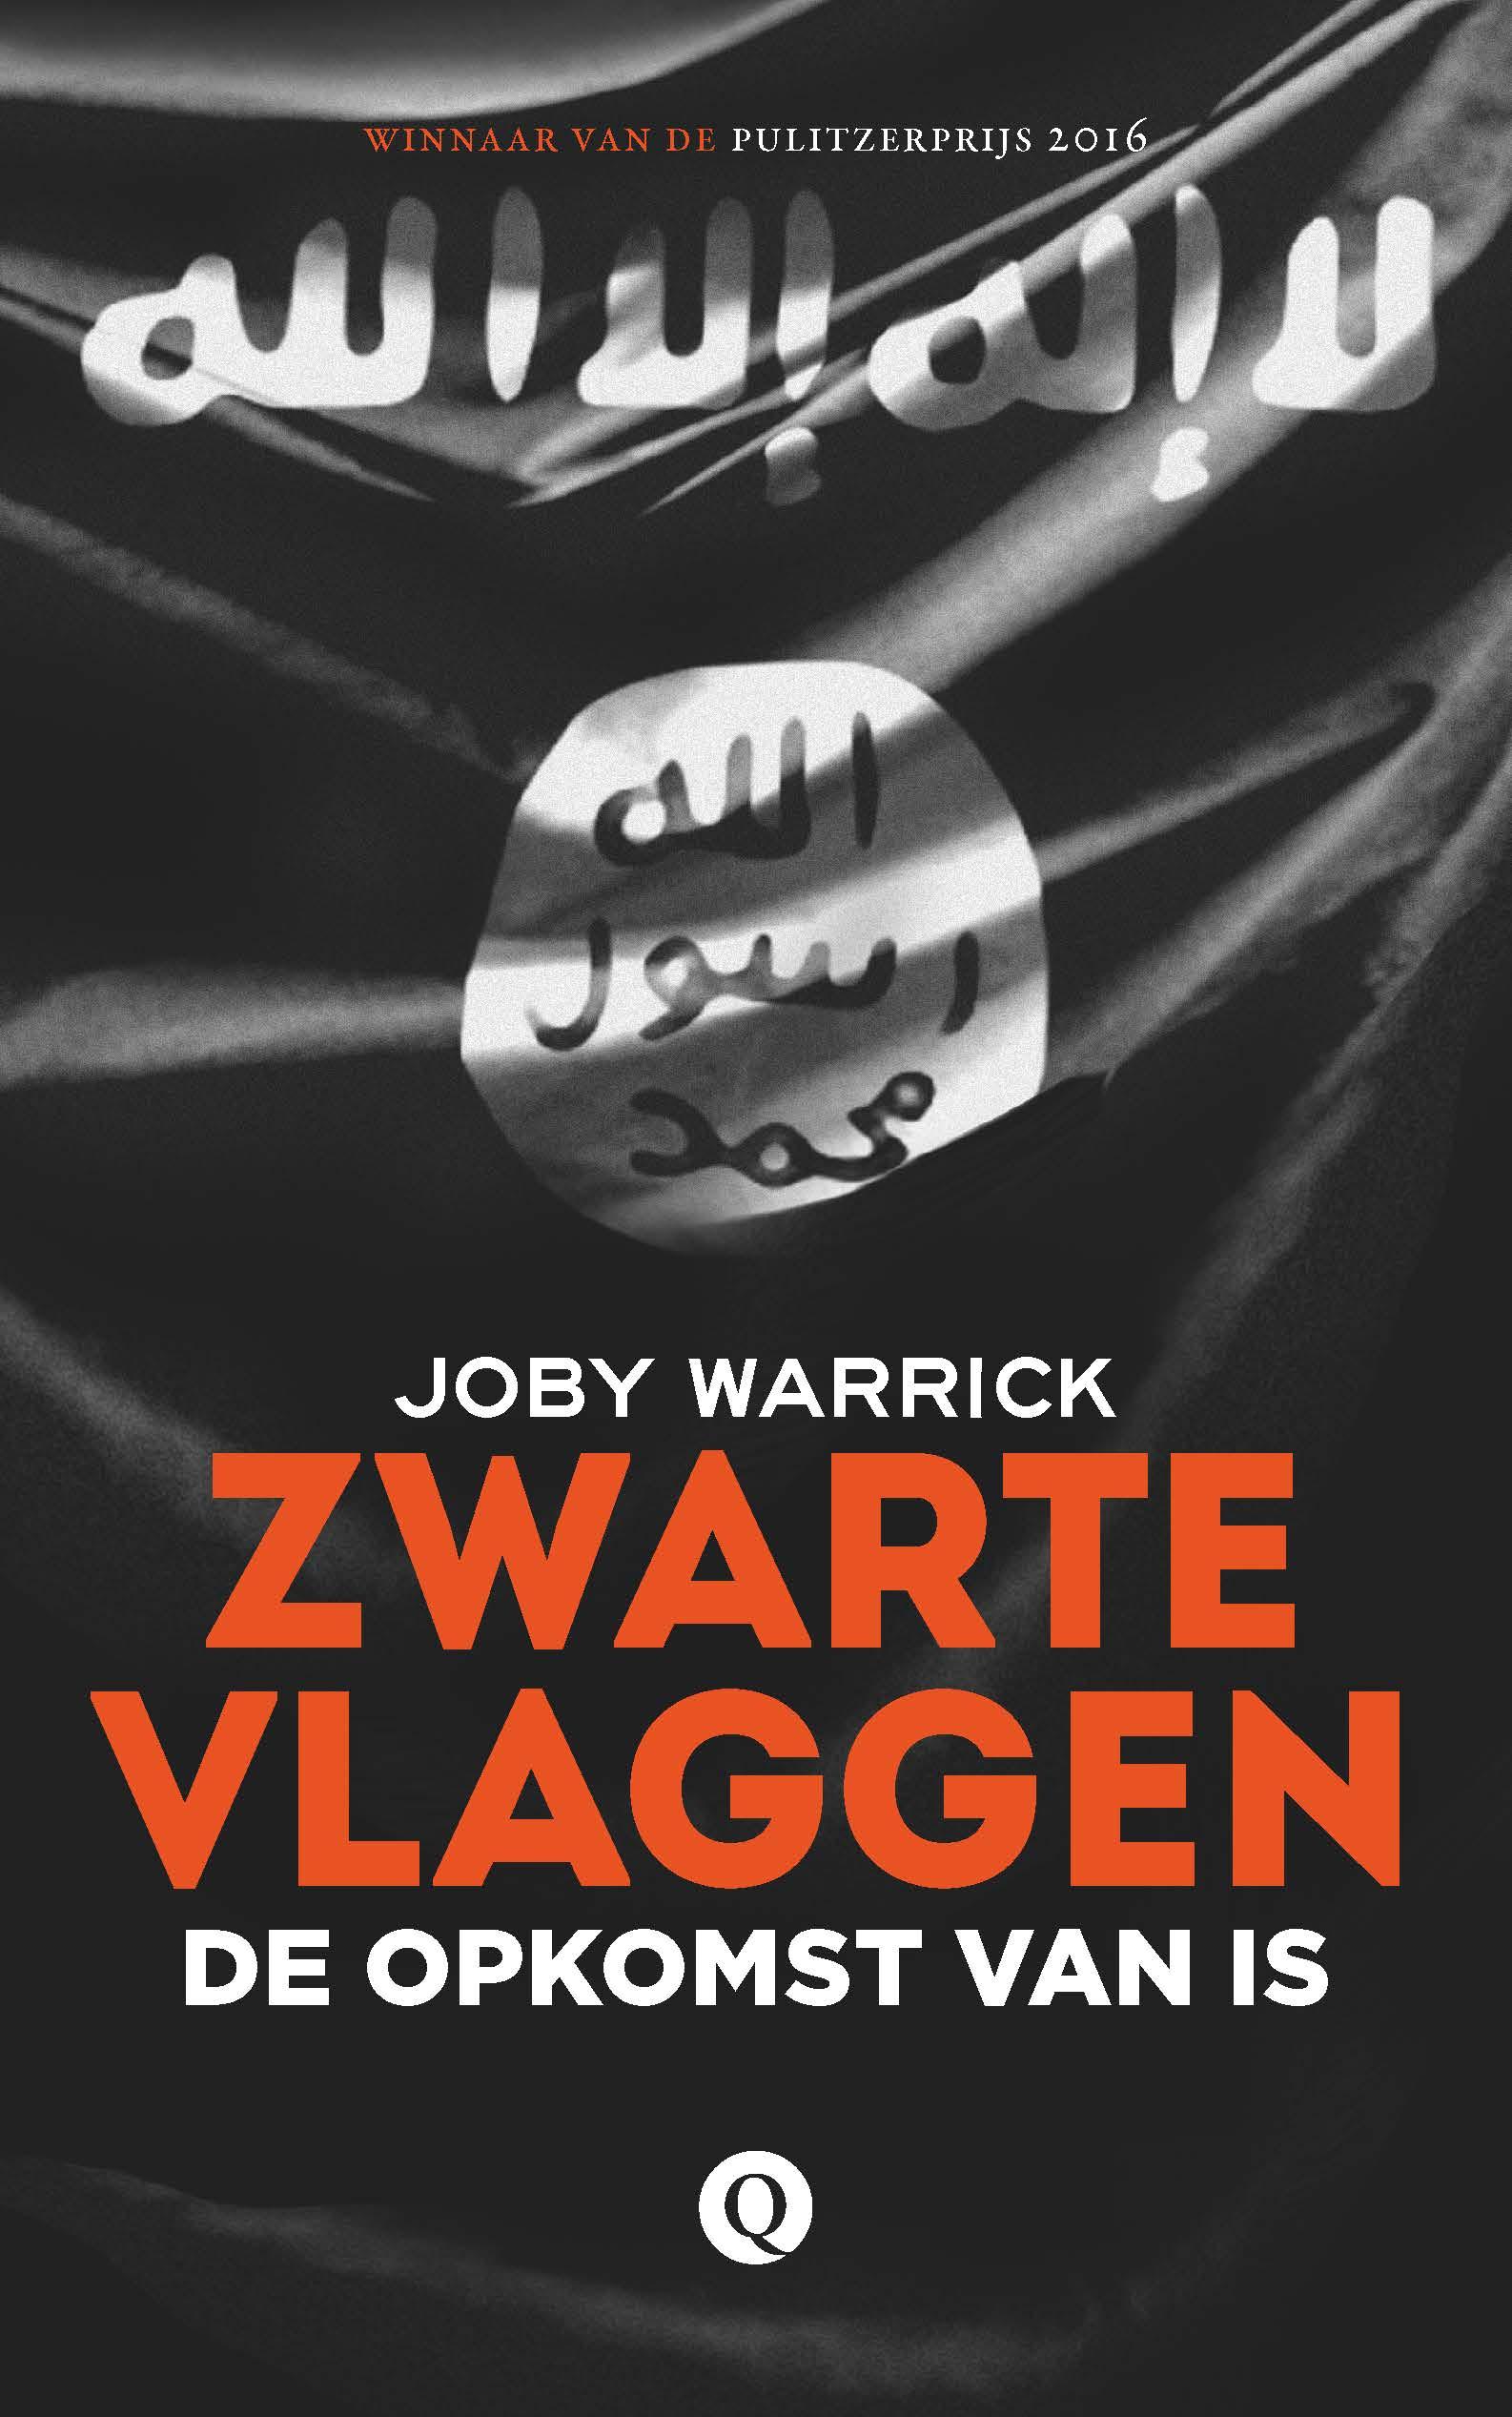 Zwarte vlaggen – Joby Warrick